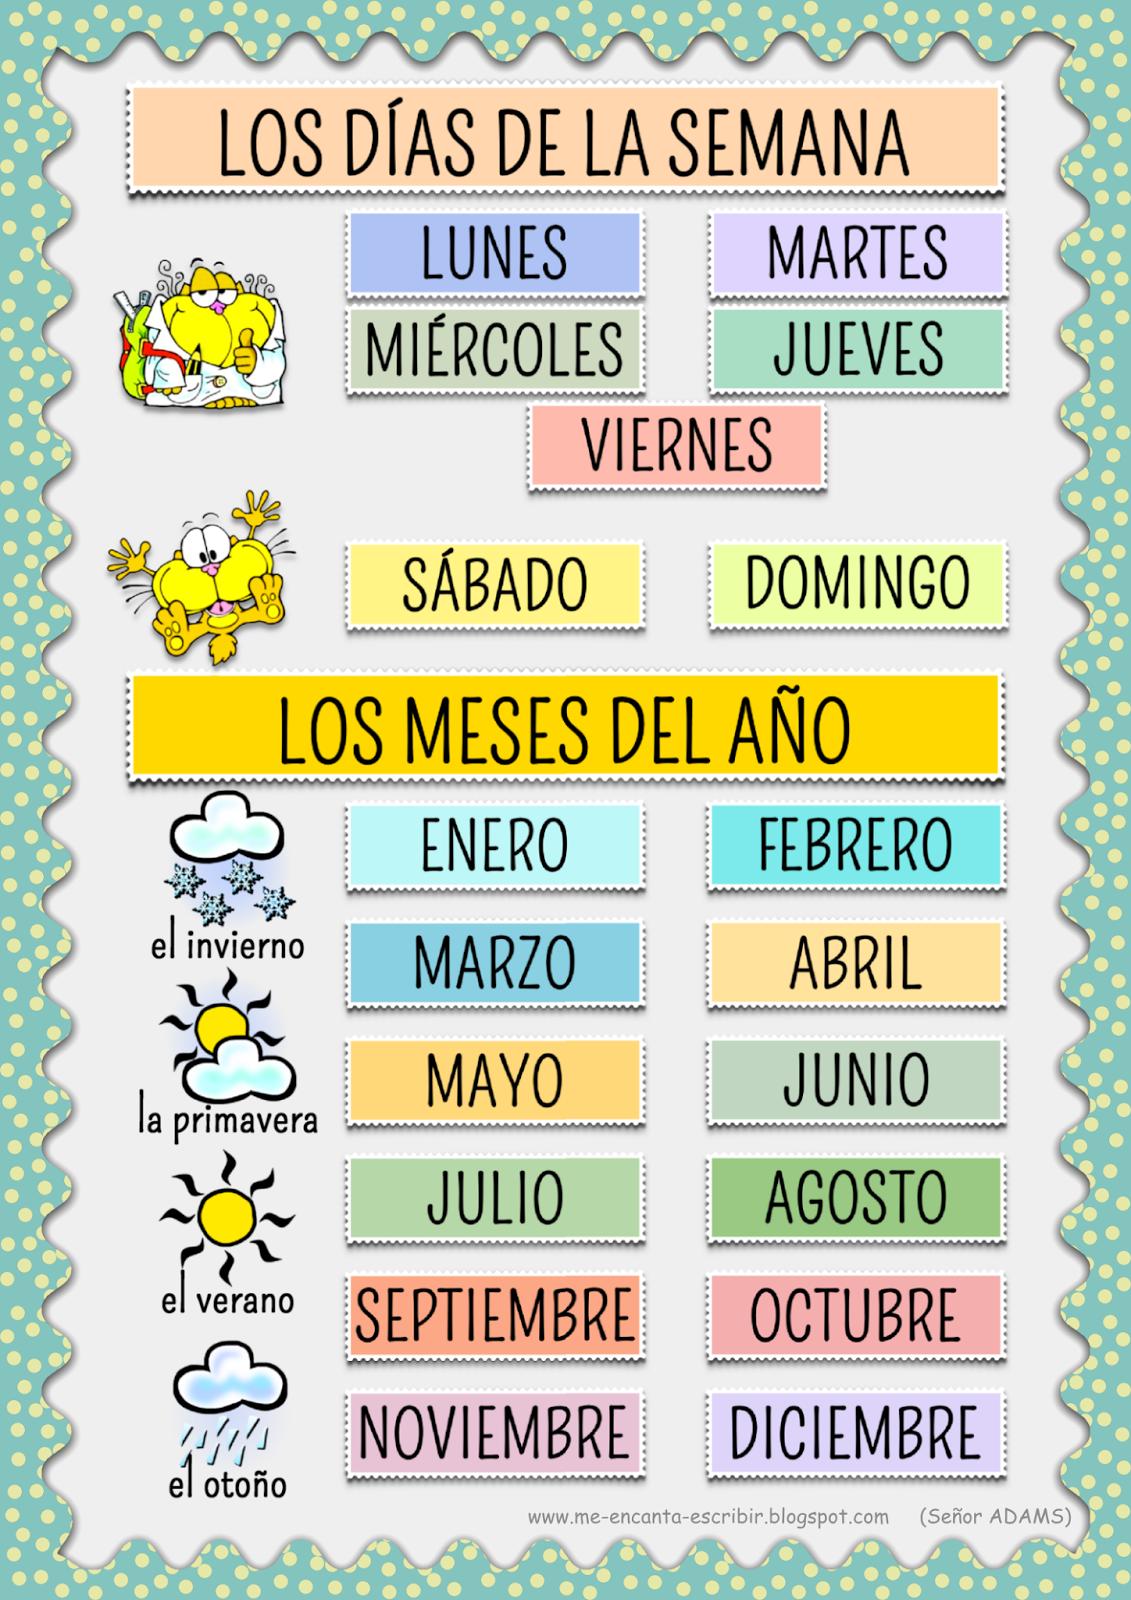 Me encanta escribir en español: Los días de la semana y los meses ...